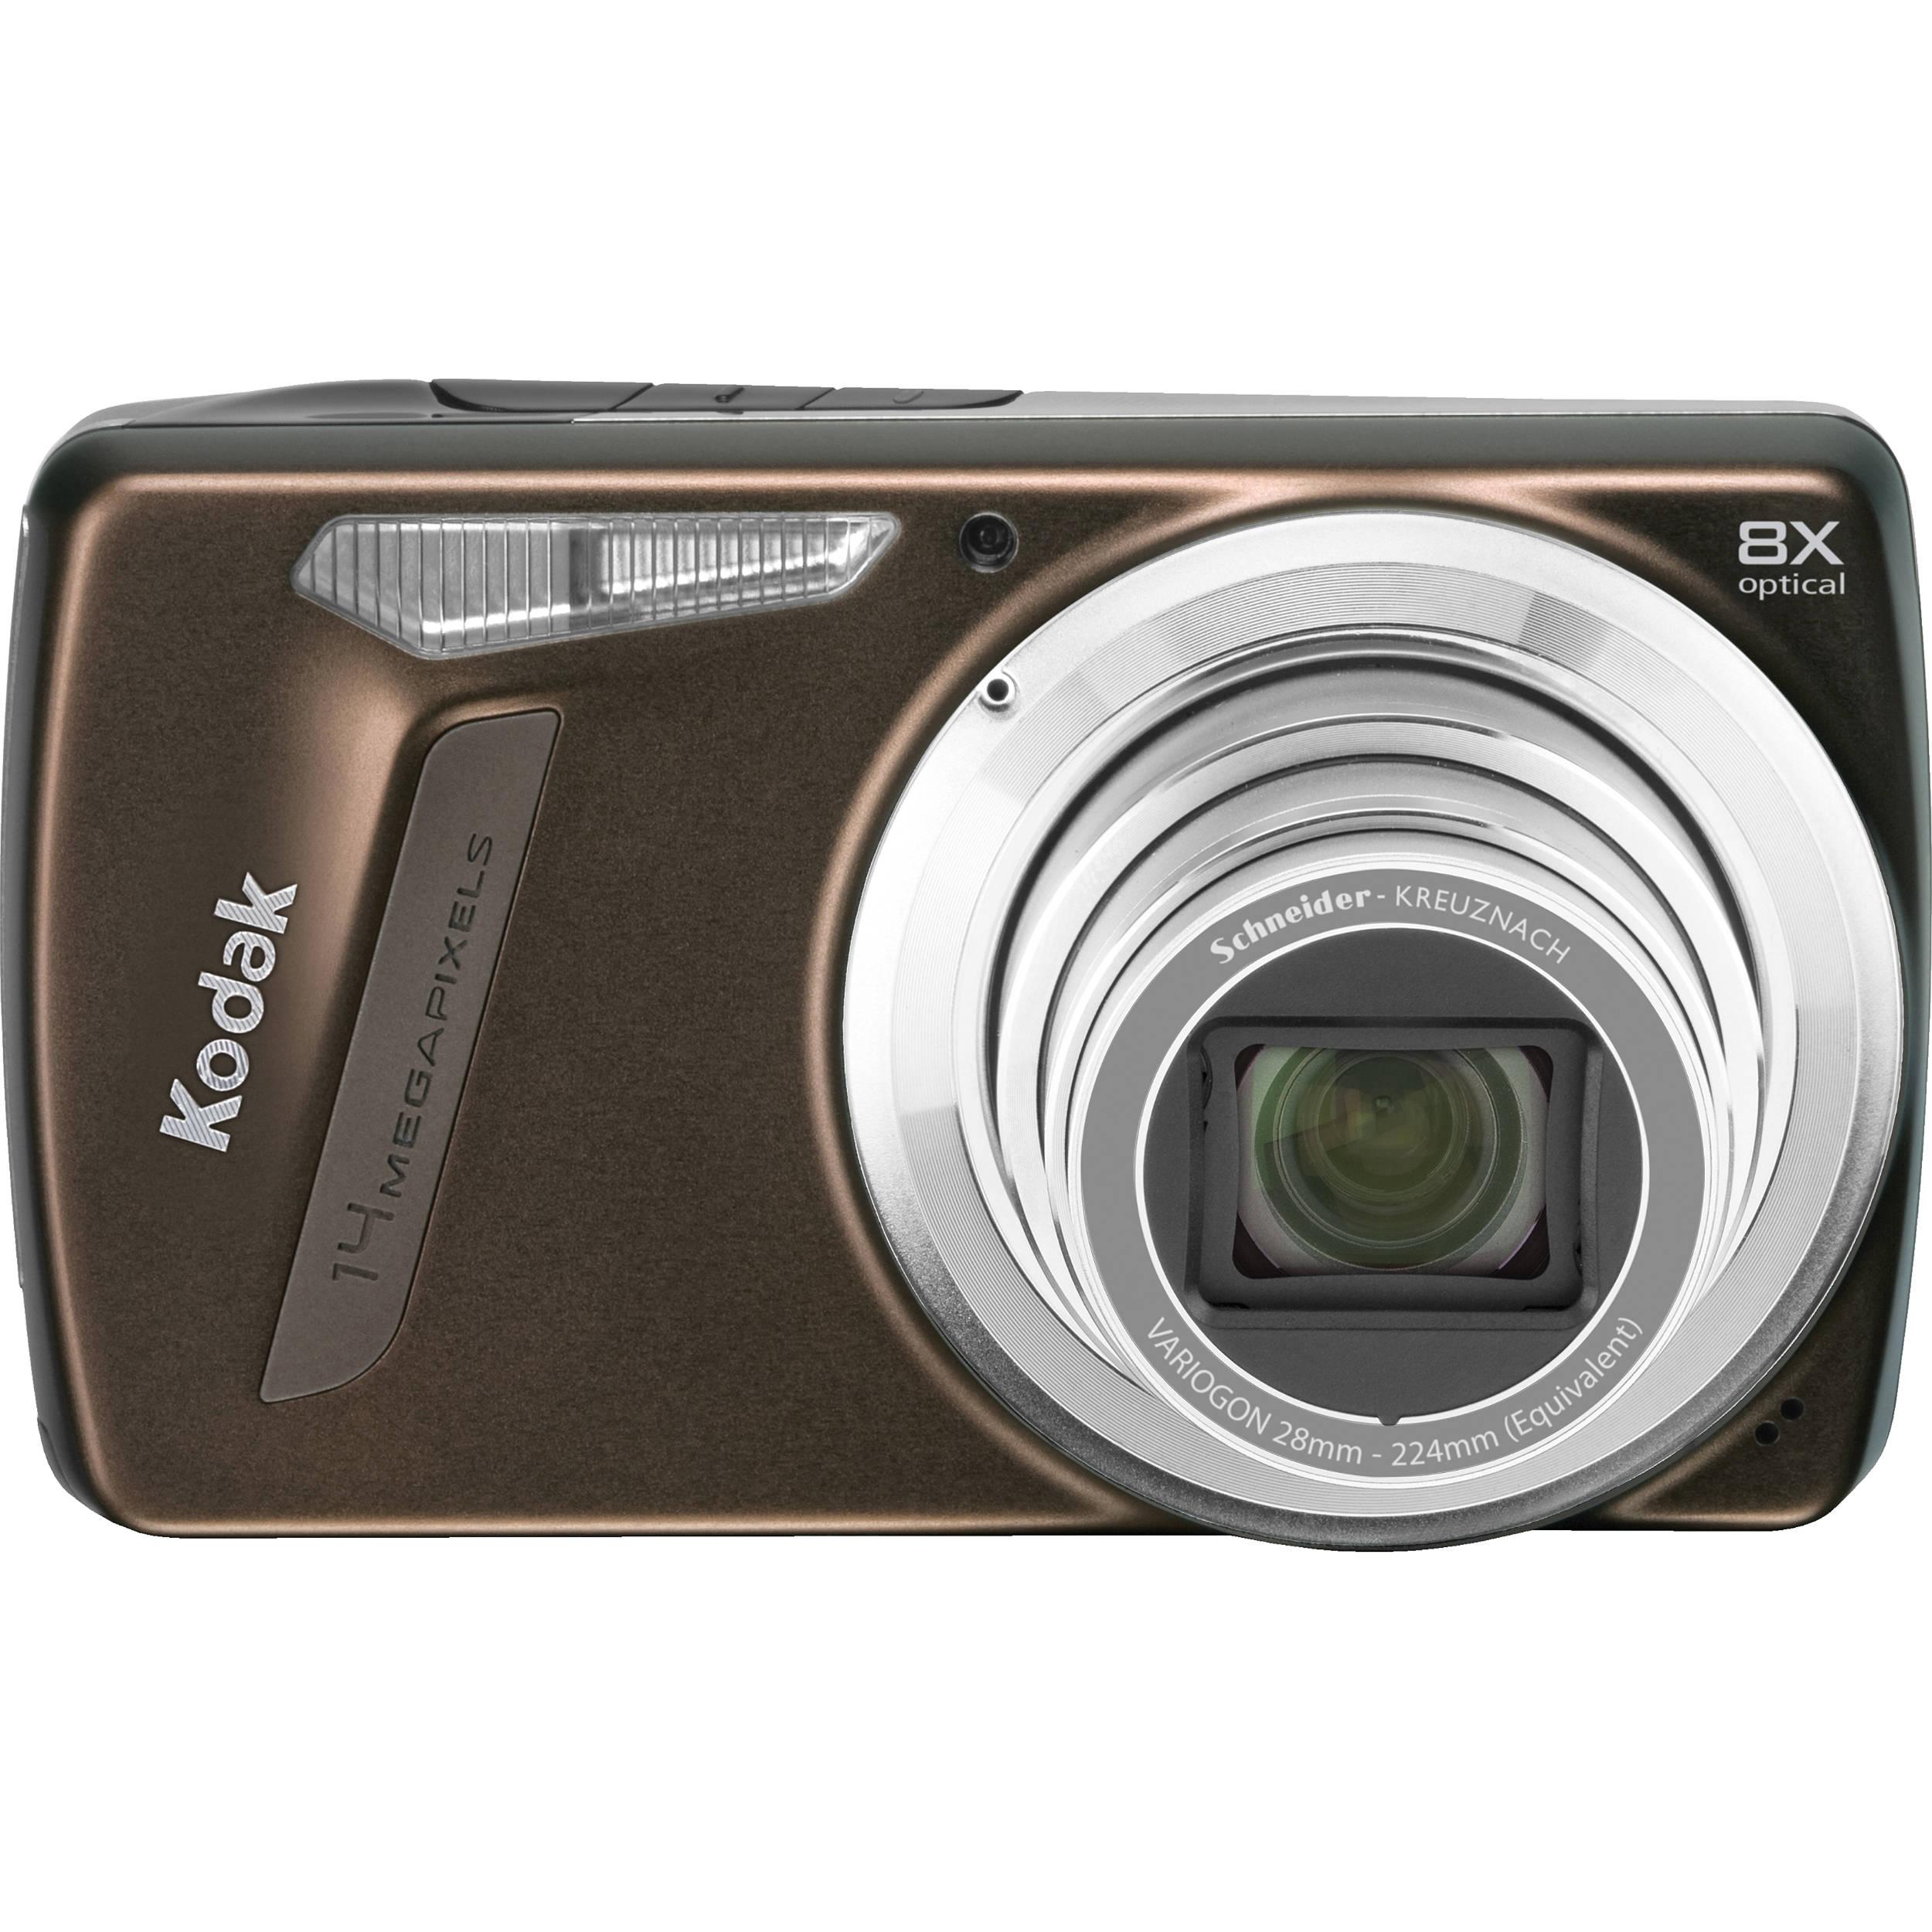 kodak easyshare m580 digital camera brown 1340769 b h photo rh bhphotovideo com Kodak EasyShare C183 kodak easyshare m580 user guide